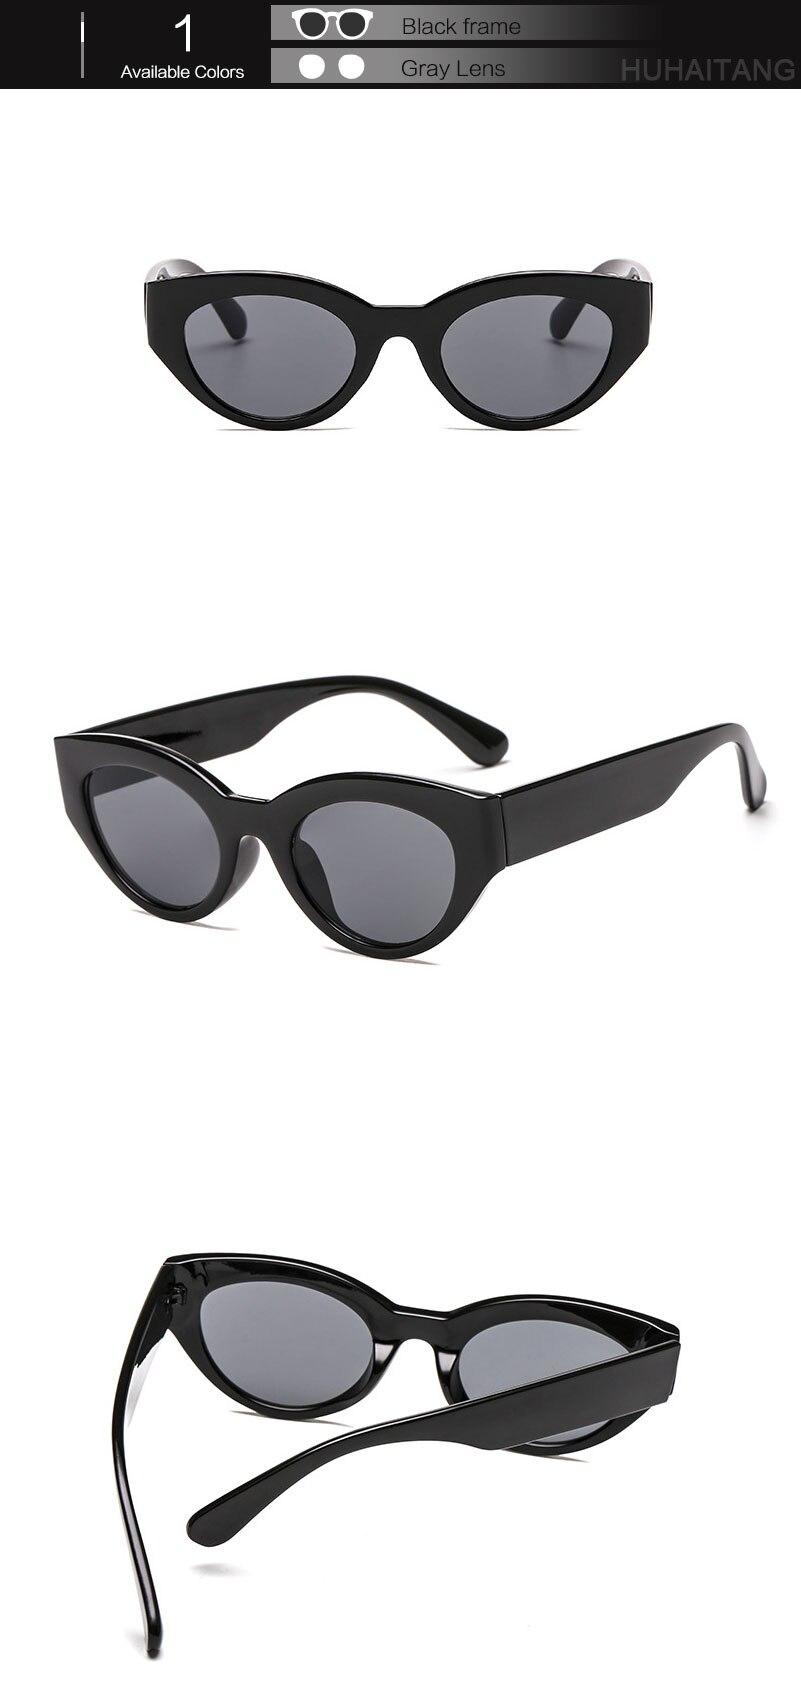 0699191a4 Кошачий глаз солнцезащитные очки Для женщин Для мужчин Винтаж  солнцезащитные очки Óculos Feminino модные очки высокое качество  солнцезащитные оч.